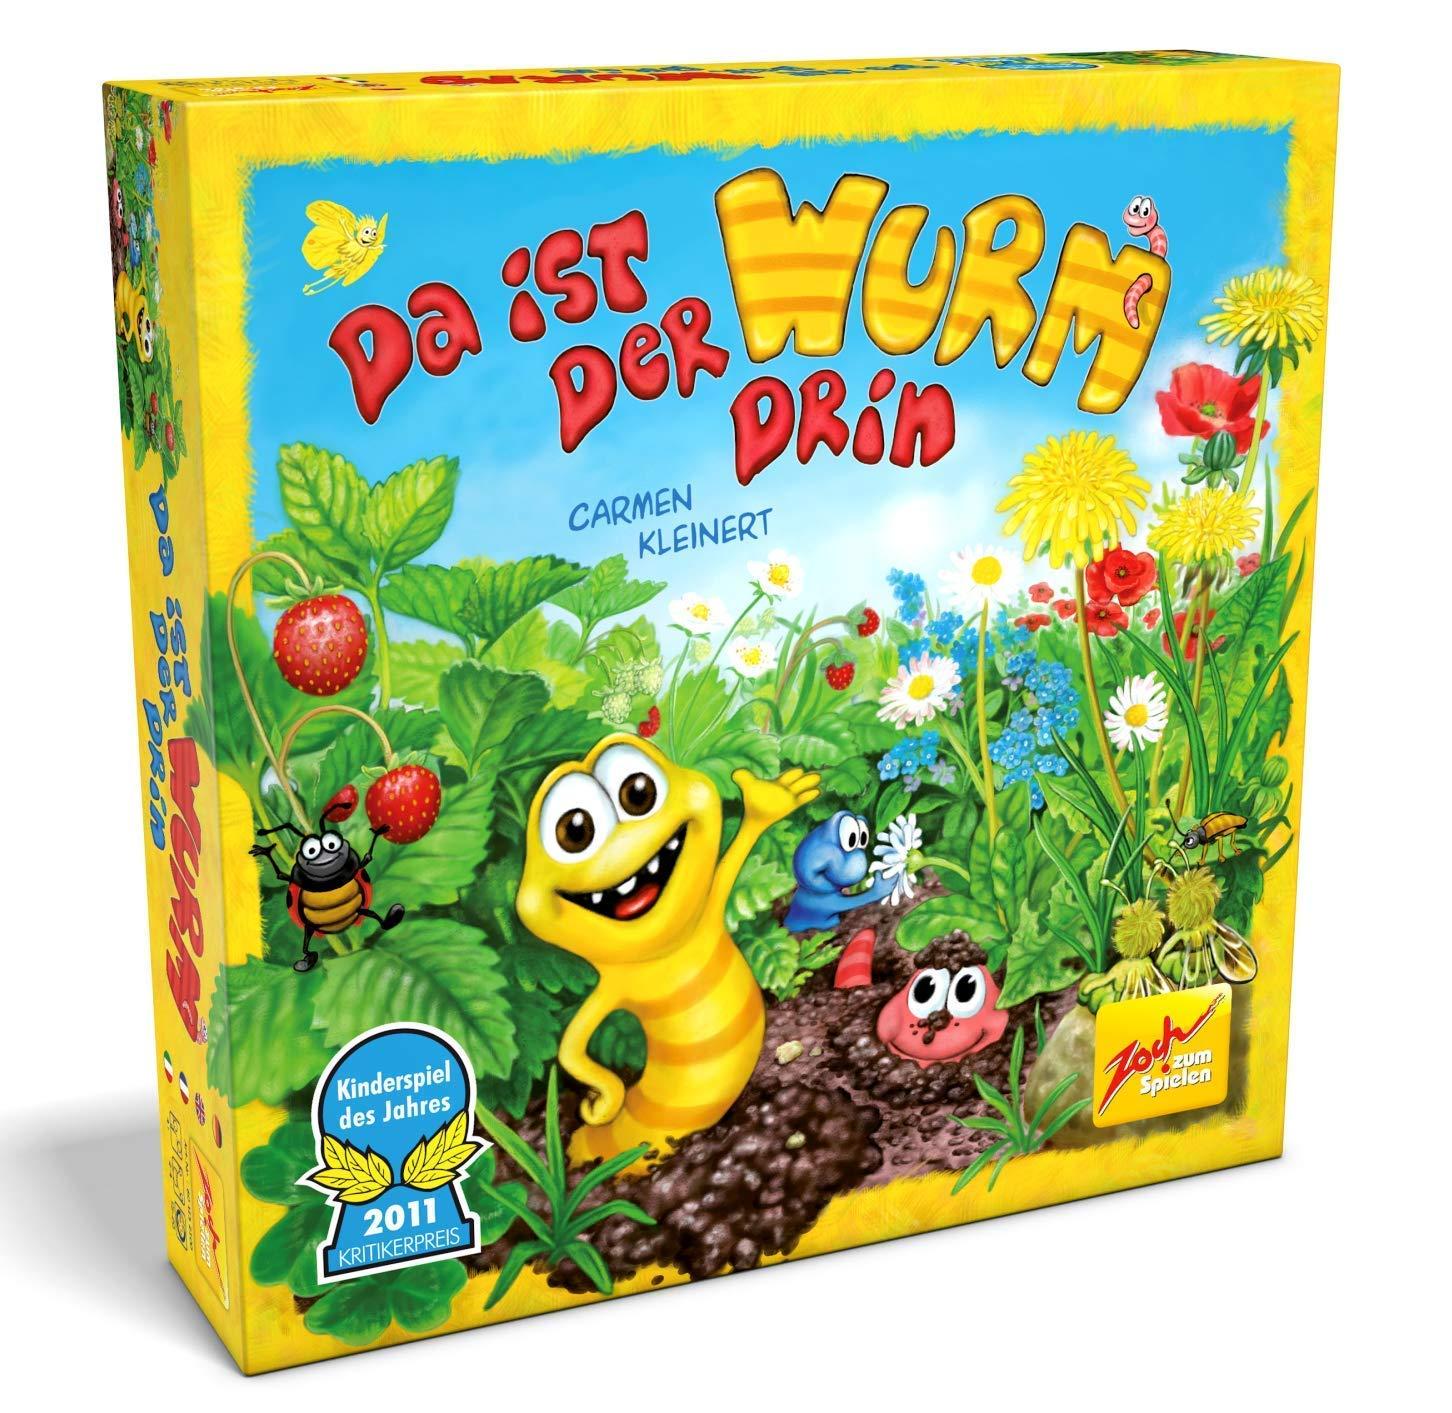 spiele für 4 jährige kinder halli galli da ist der wurm drin zoch coole spiele spiele für 3 jährige